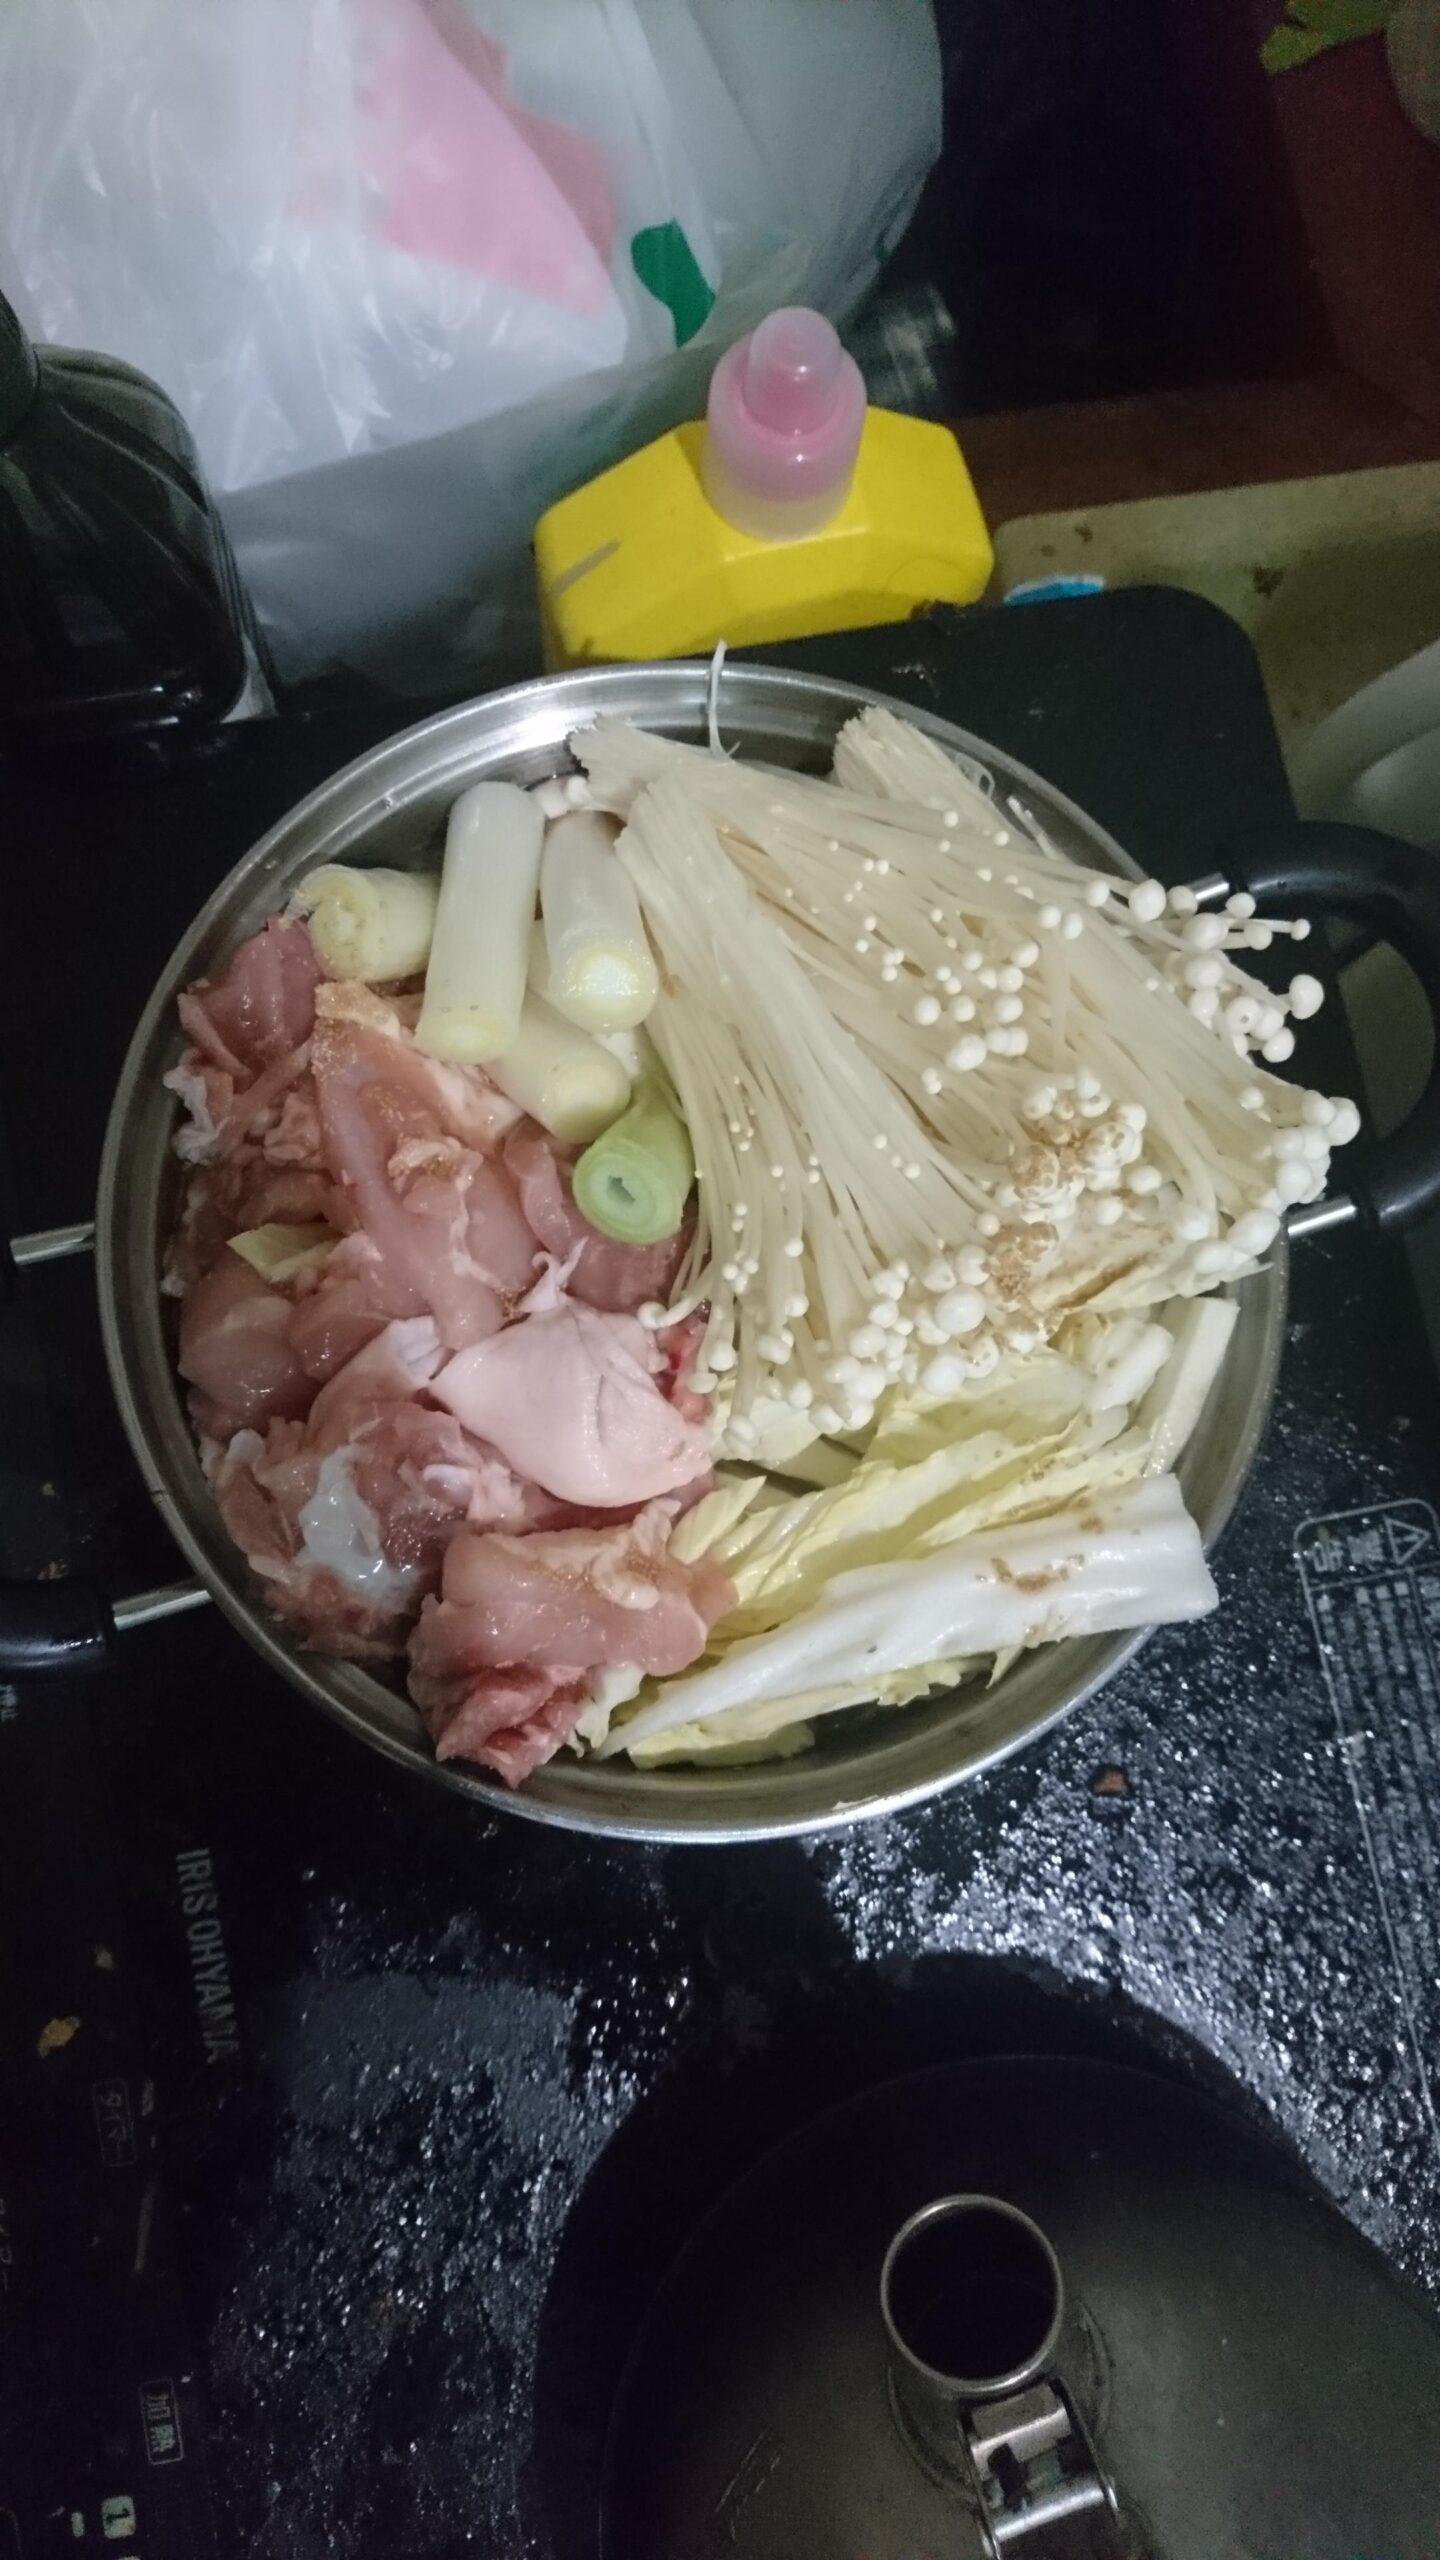 【画像有】水炊き作ったよー